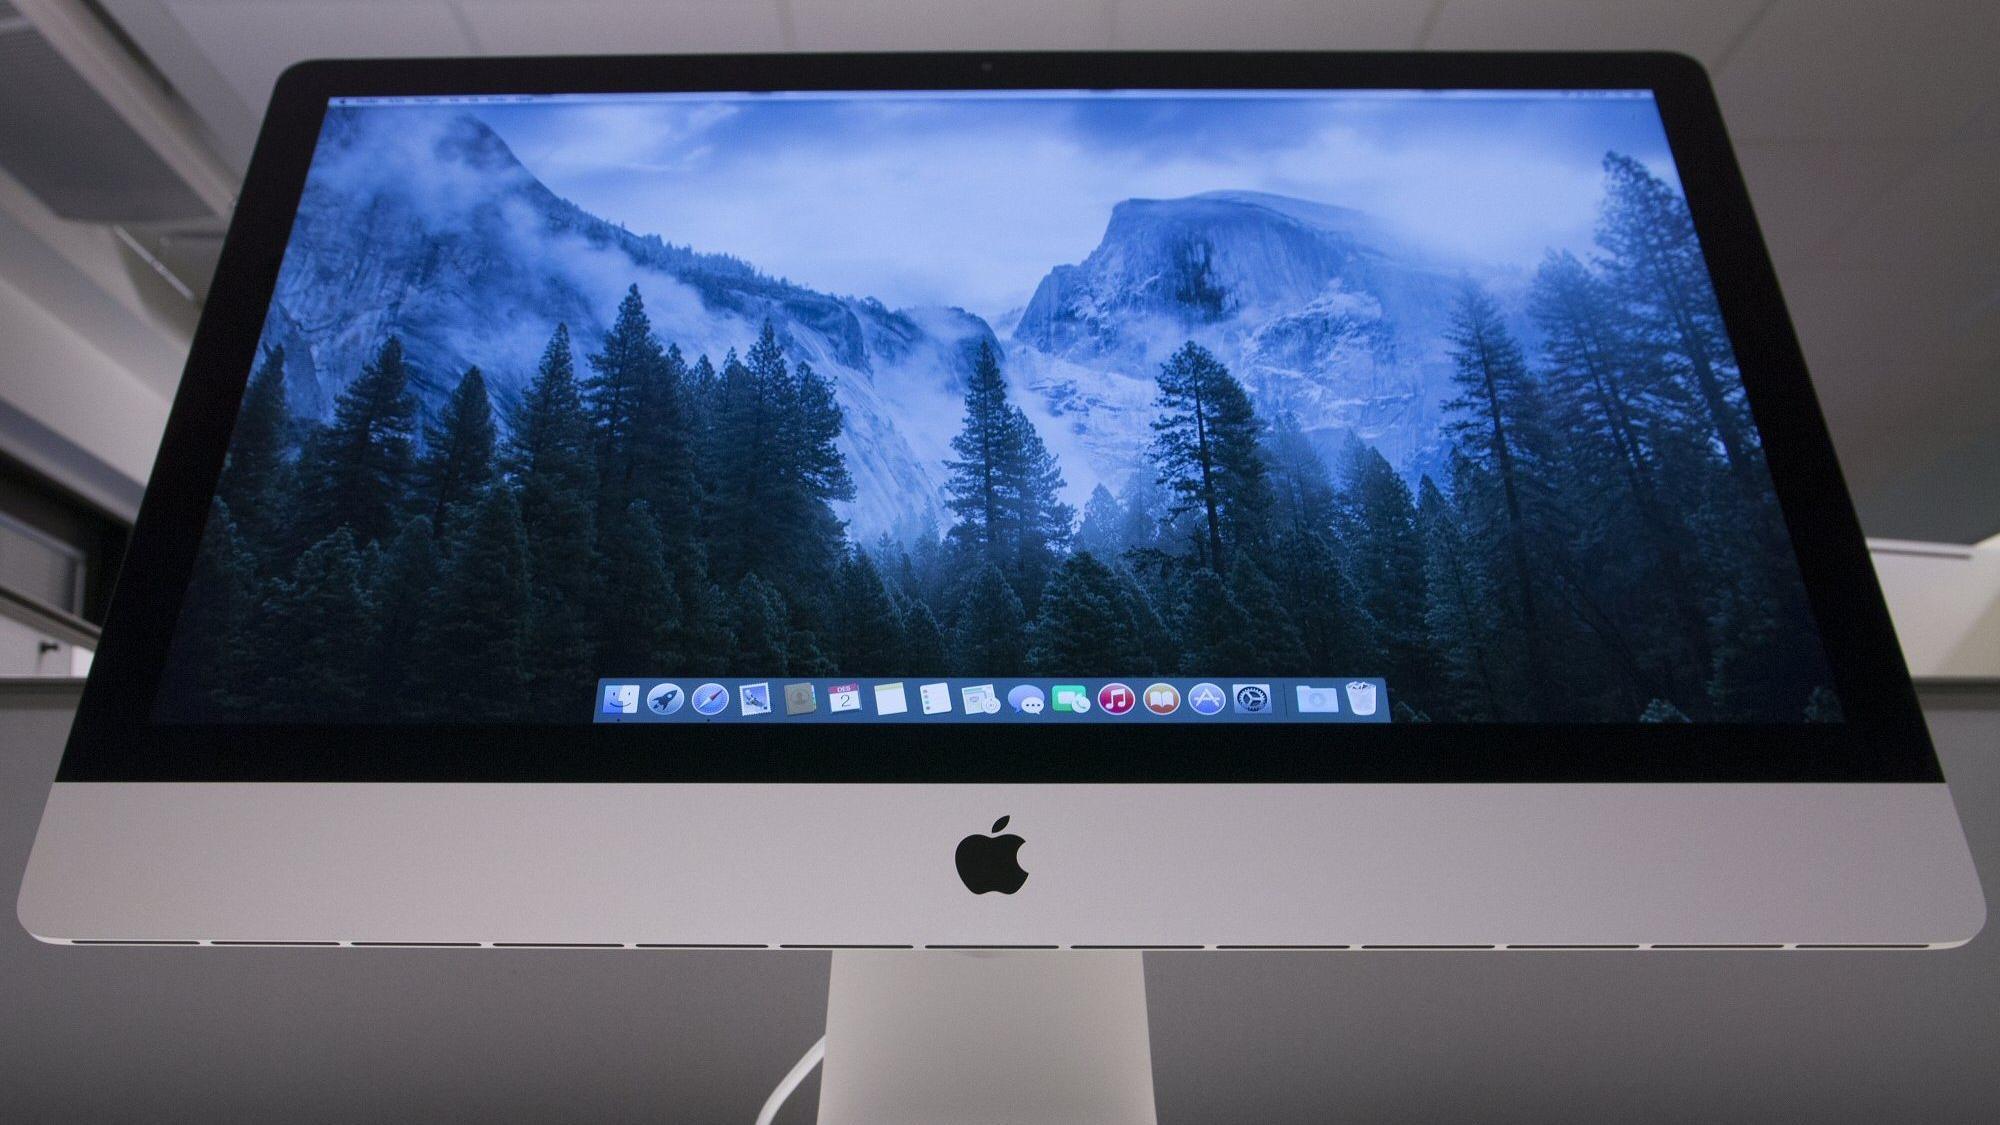 Den lekre Apple-skjermen fra 2011 skal endelig få en oppgradering